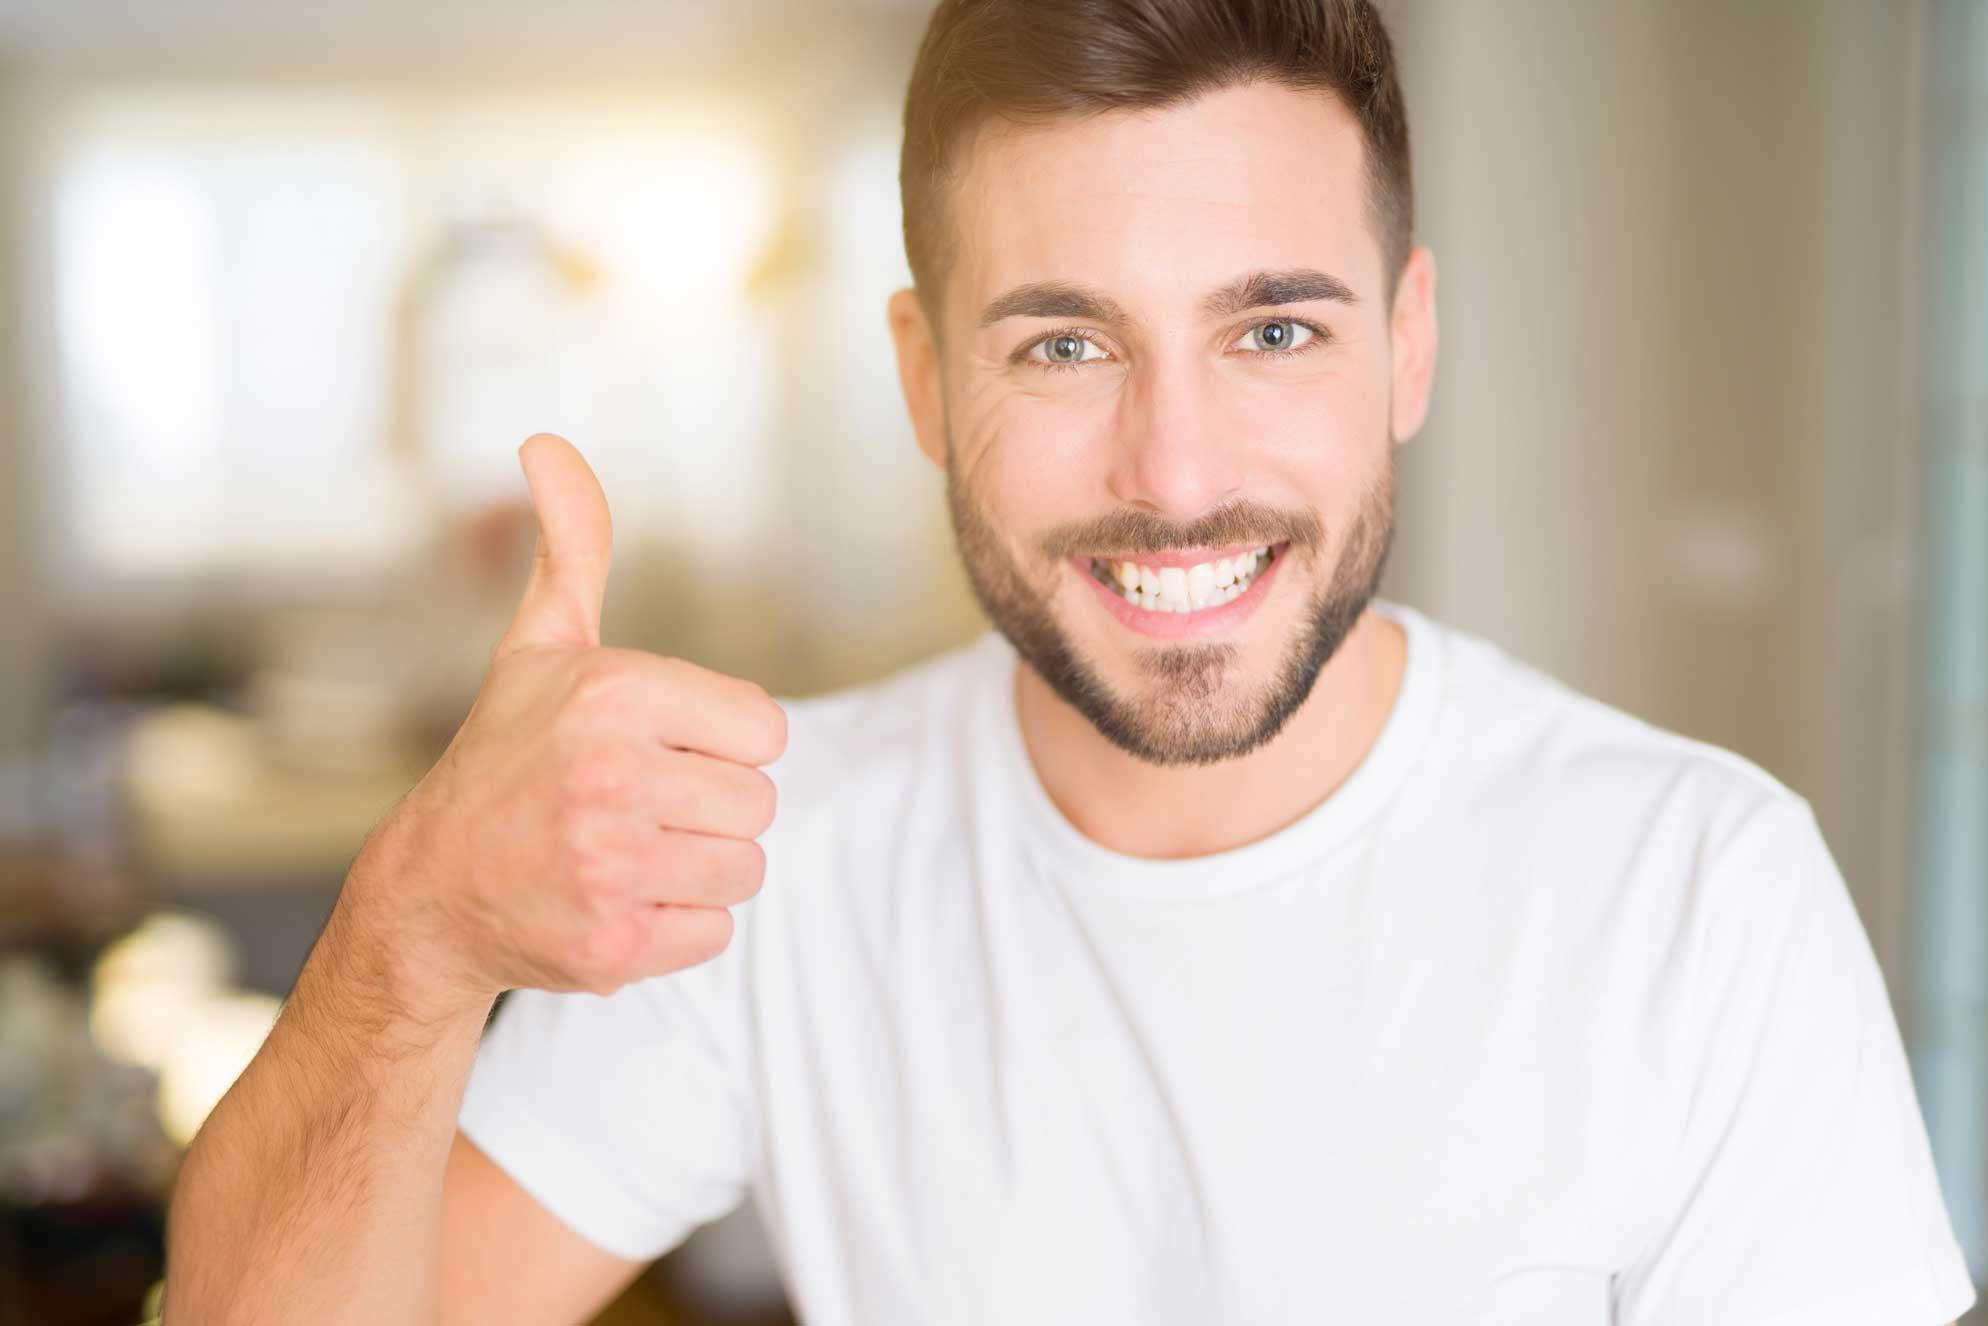 Ein zufriedener Bewerber zeigt die Thumps-up Geste und freut sich über ein erfolgreiches Vorstellungsgespräch.